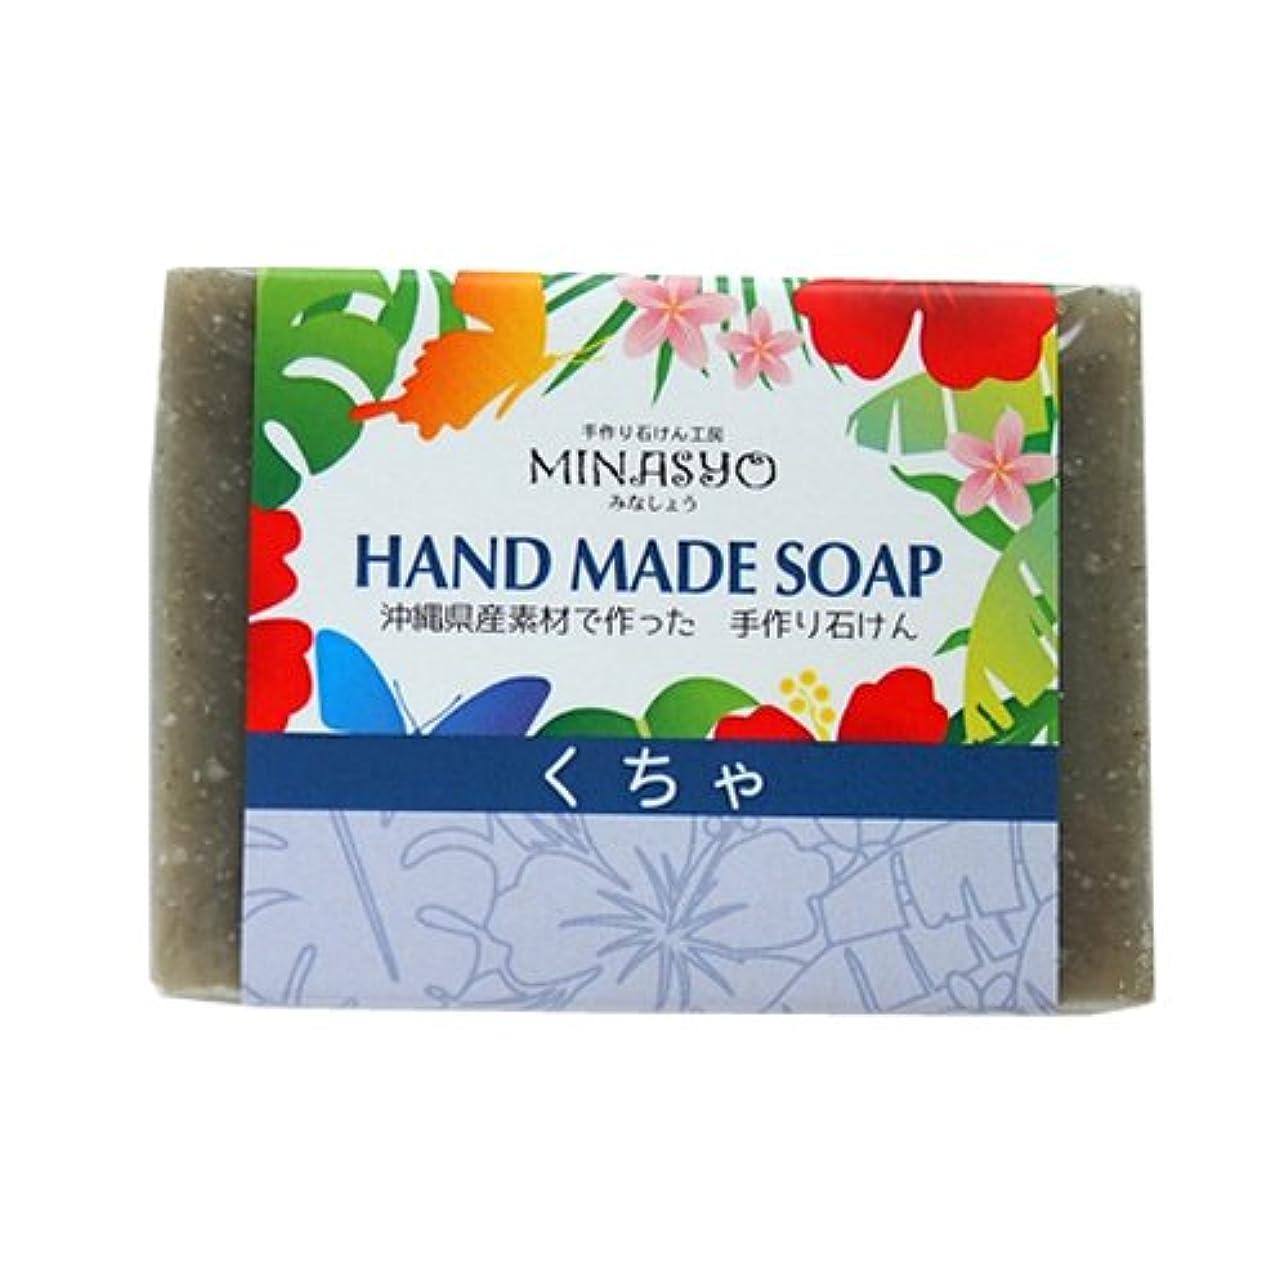 ひねくれた請願者怒る洗顔 石鹸 無添加 沖縄くちゃ みなしょう 手作りくちゃ石鹸 100g×10個